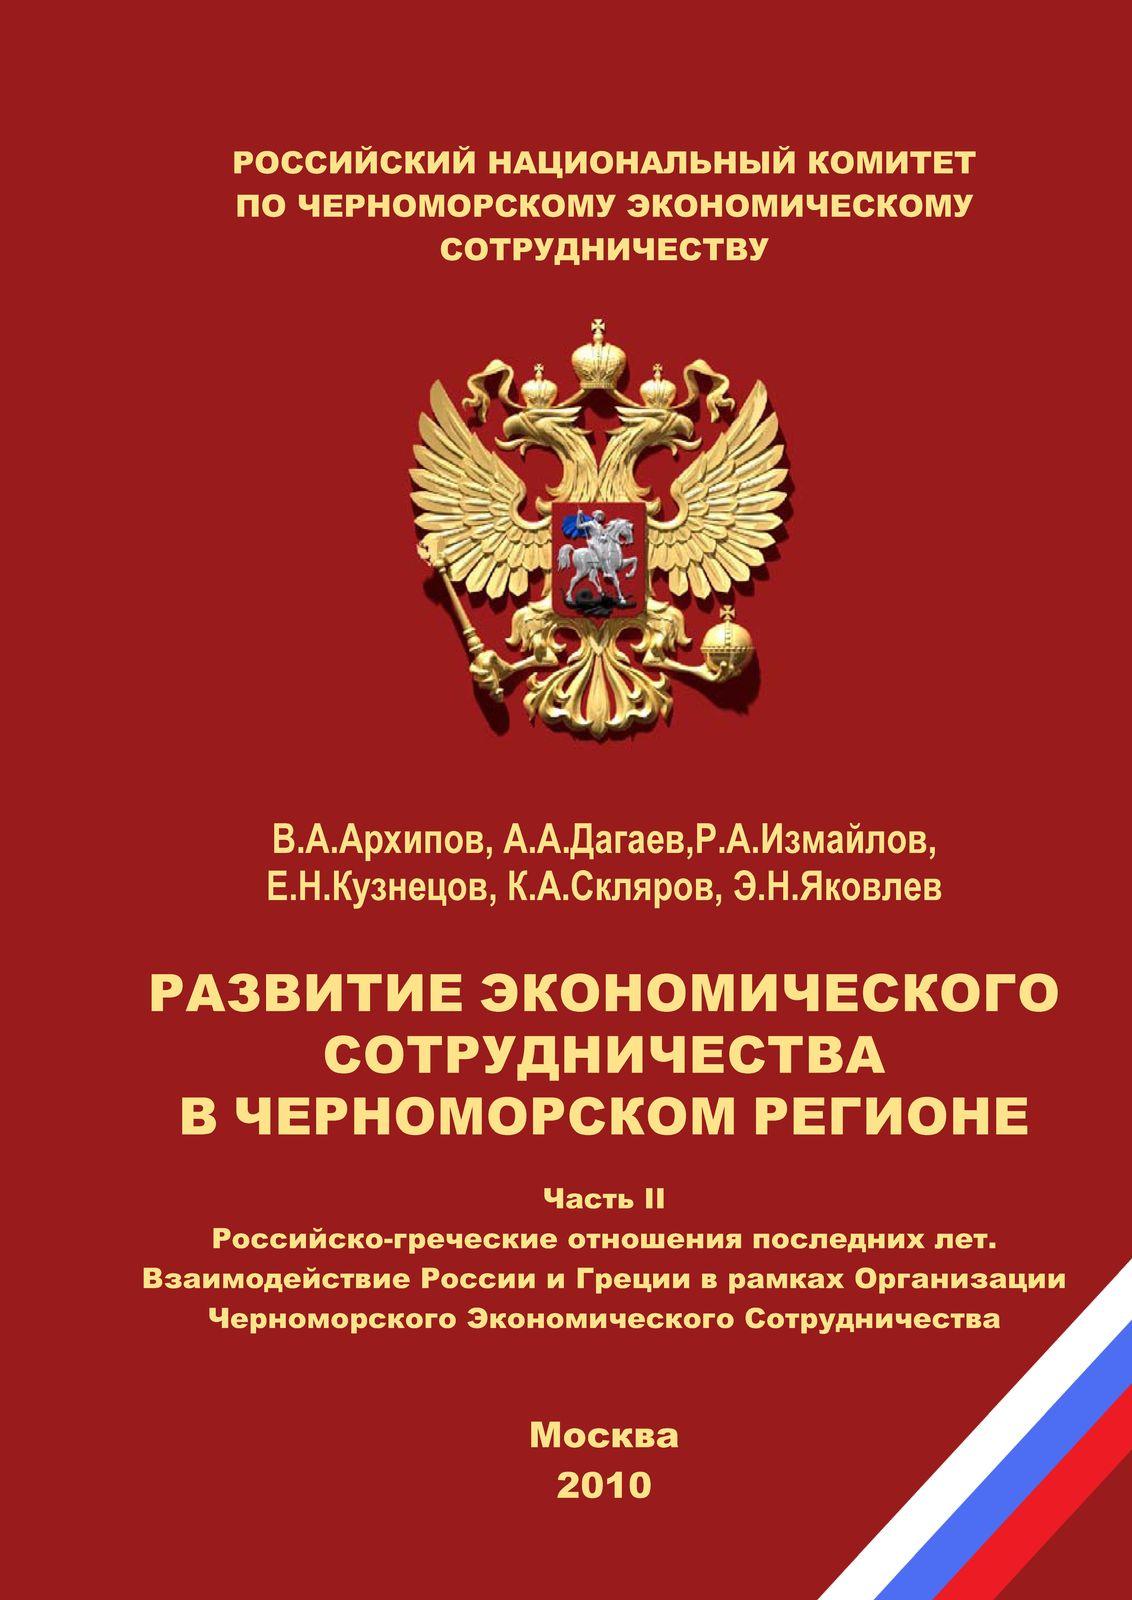 Развитие экономического сотрудничества в Черноморском регионе